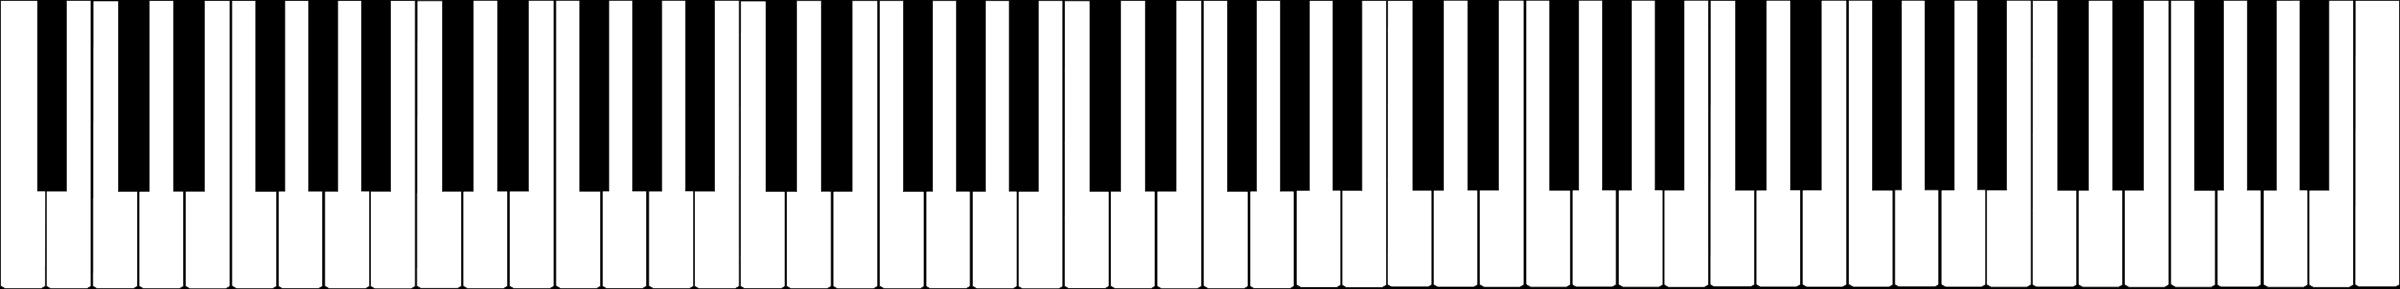 Art Piano Keys Free Cliparts That You Ca-Art Piano Keys Free Cliparts That You Can Download To You Computer-4